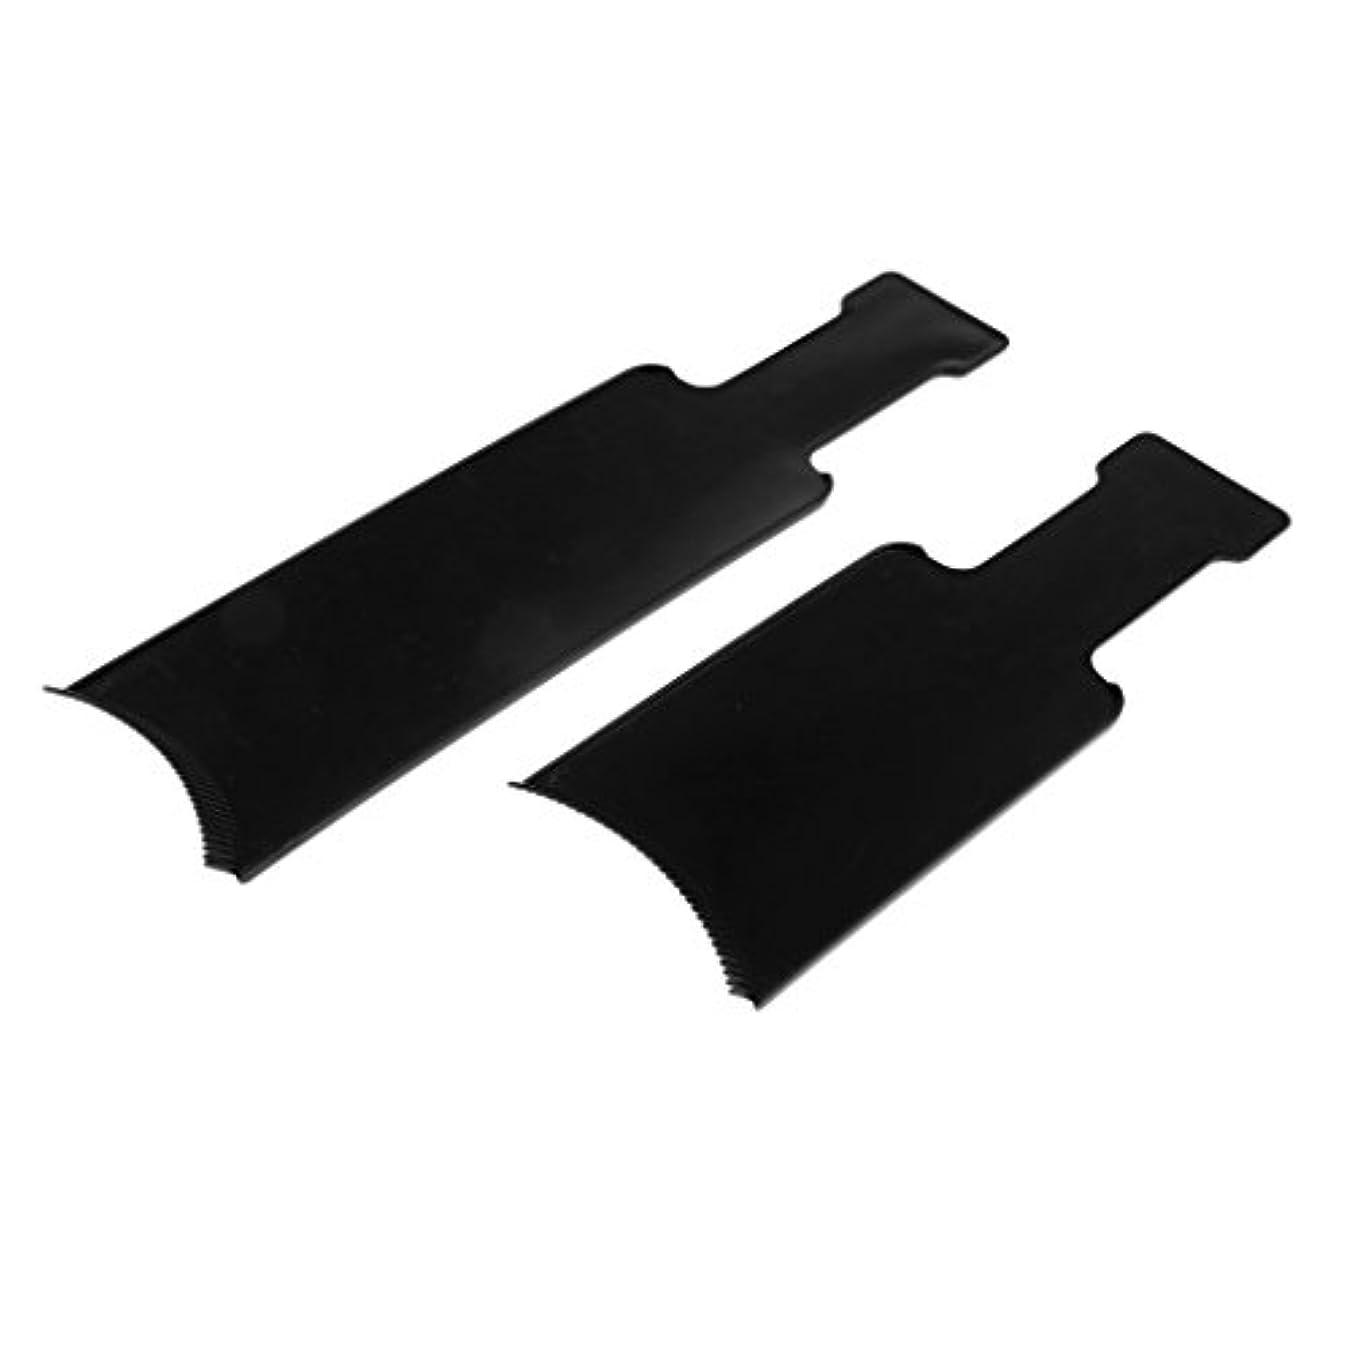 複雑な支給鼻ヘアカラーボード 染色櫛 染色プレート ヘアカラー プラスチック製 美容ツール 黒 2個入